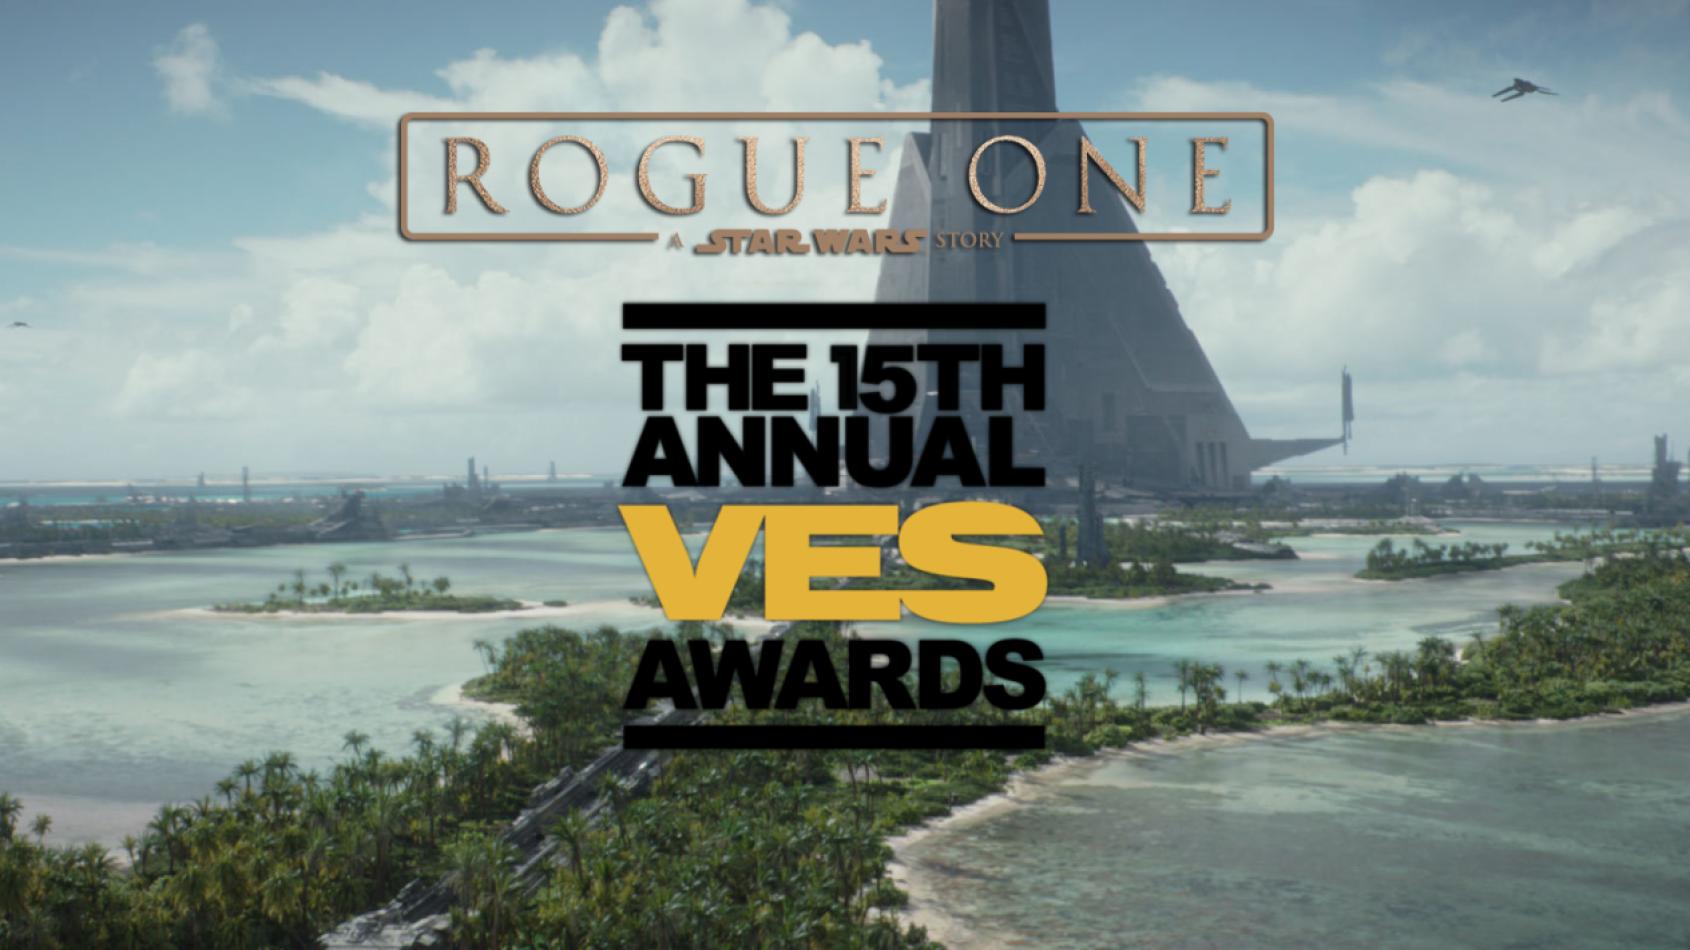 Rogue One nominé pour 7 VES Awards